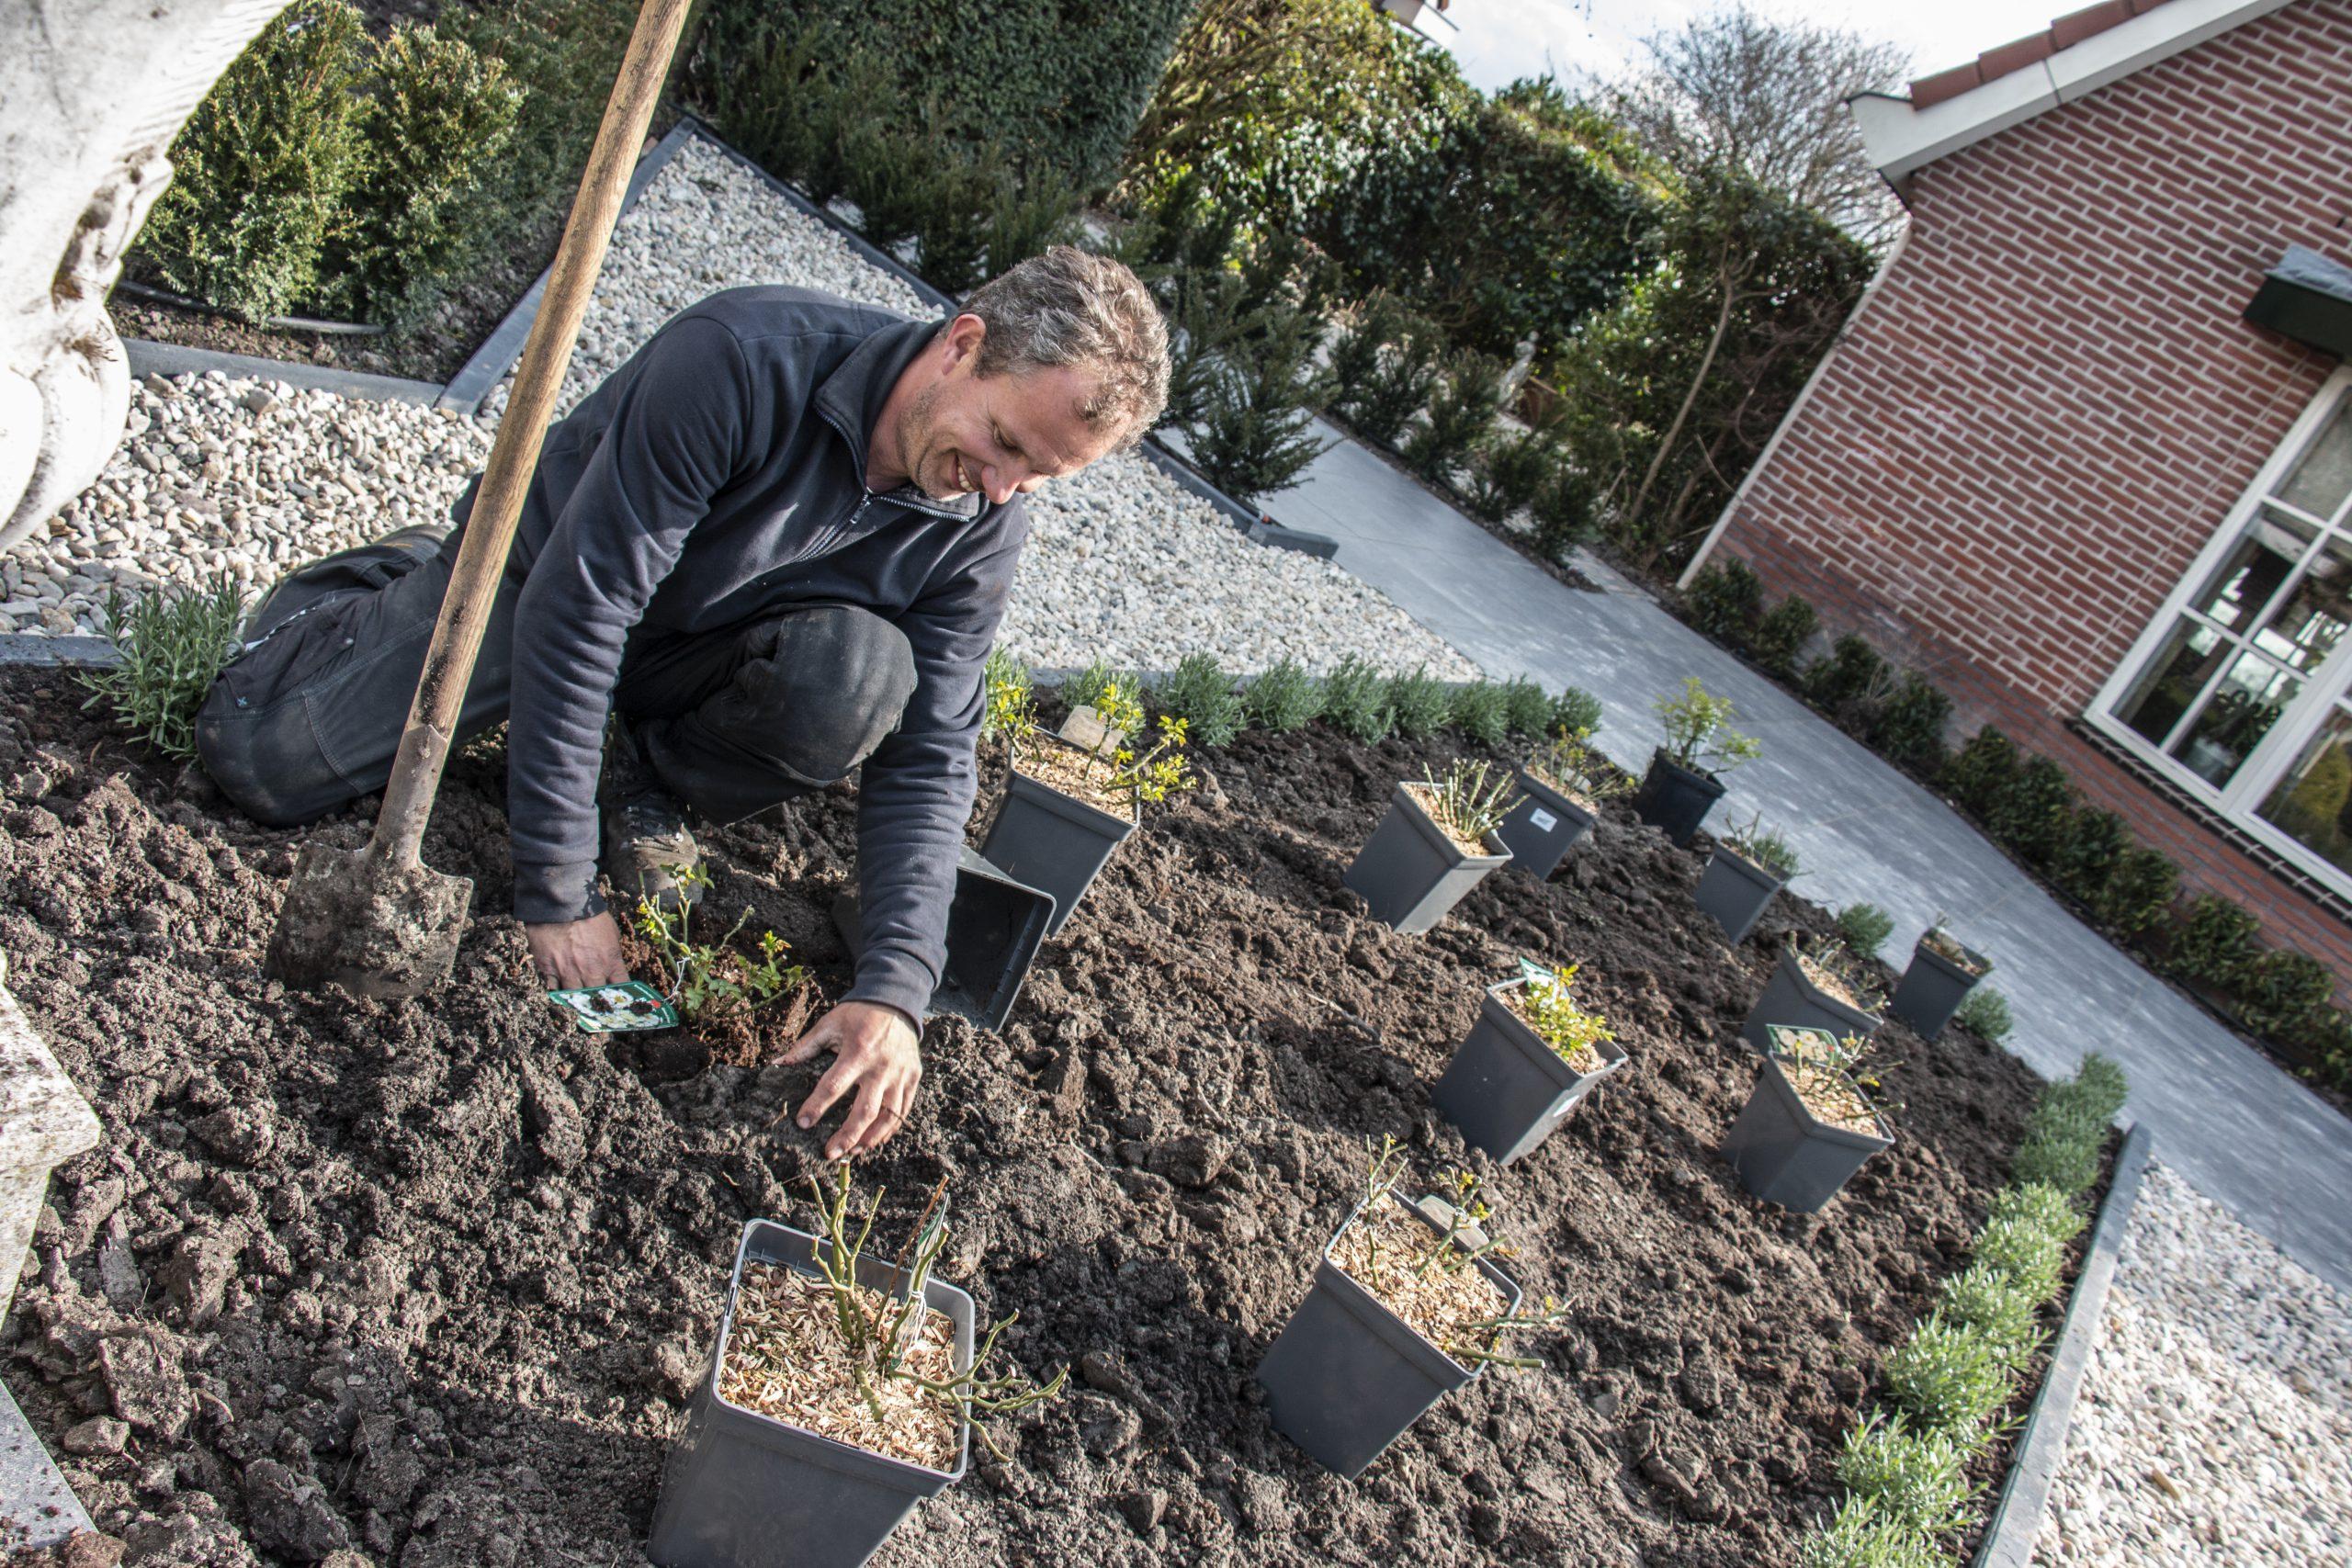 Tuin-aanleg-Tuinaanleg-Hoveniers-Zeeland-Goed-Luiten-Hoveniers-Tuinen-Onderhoud